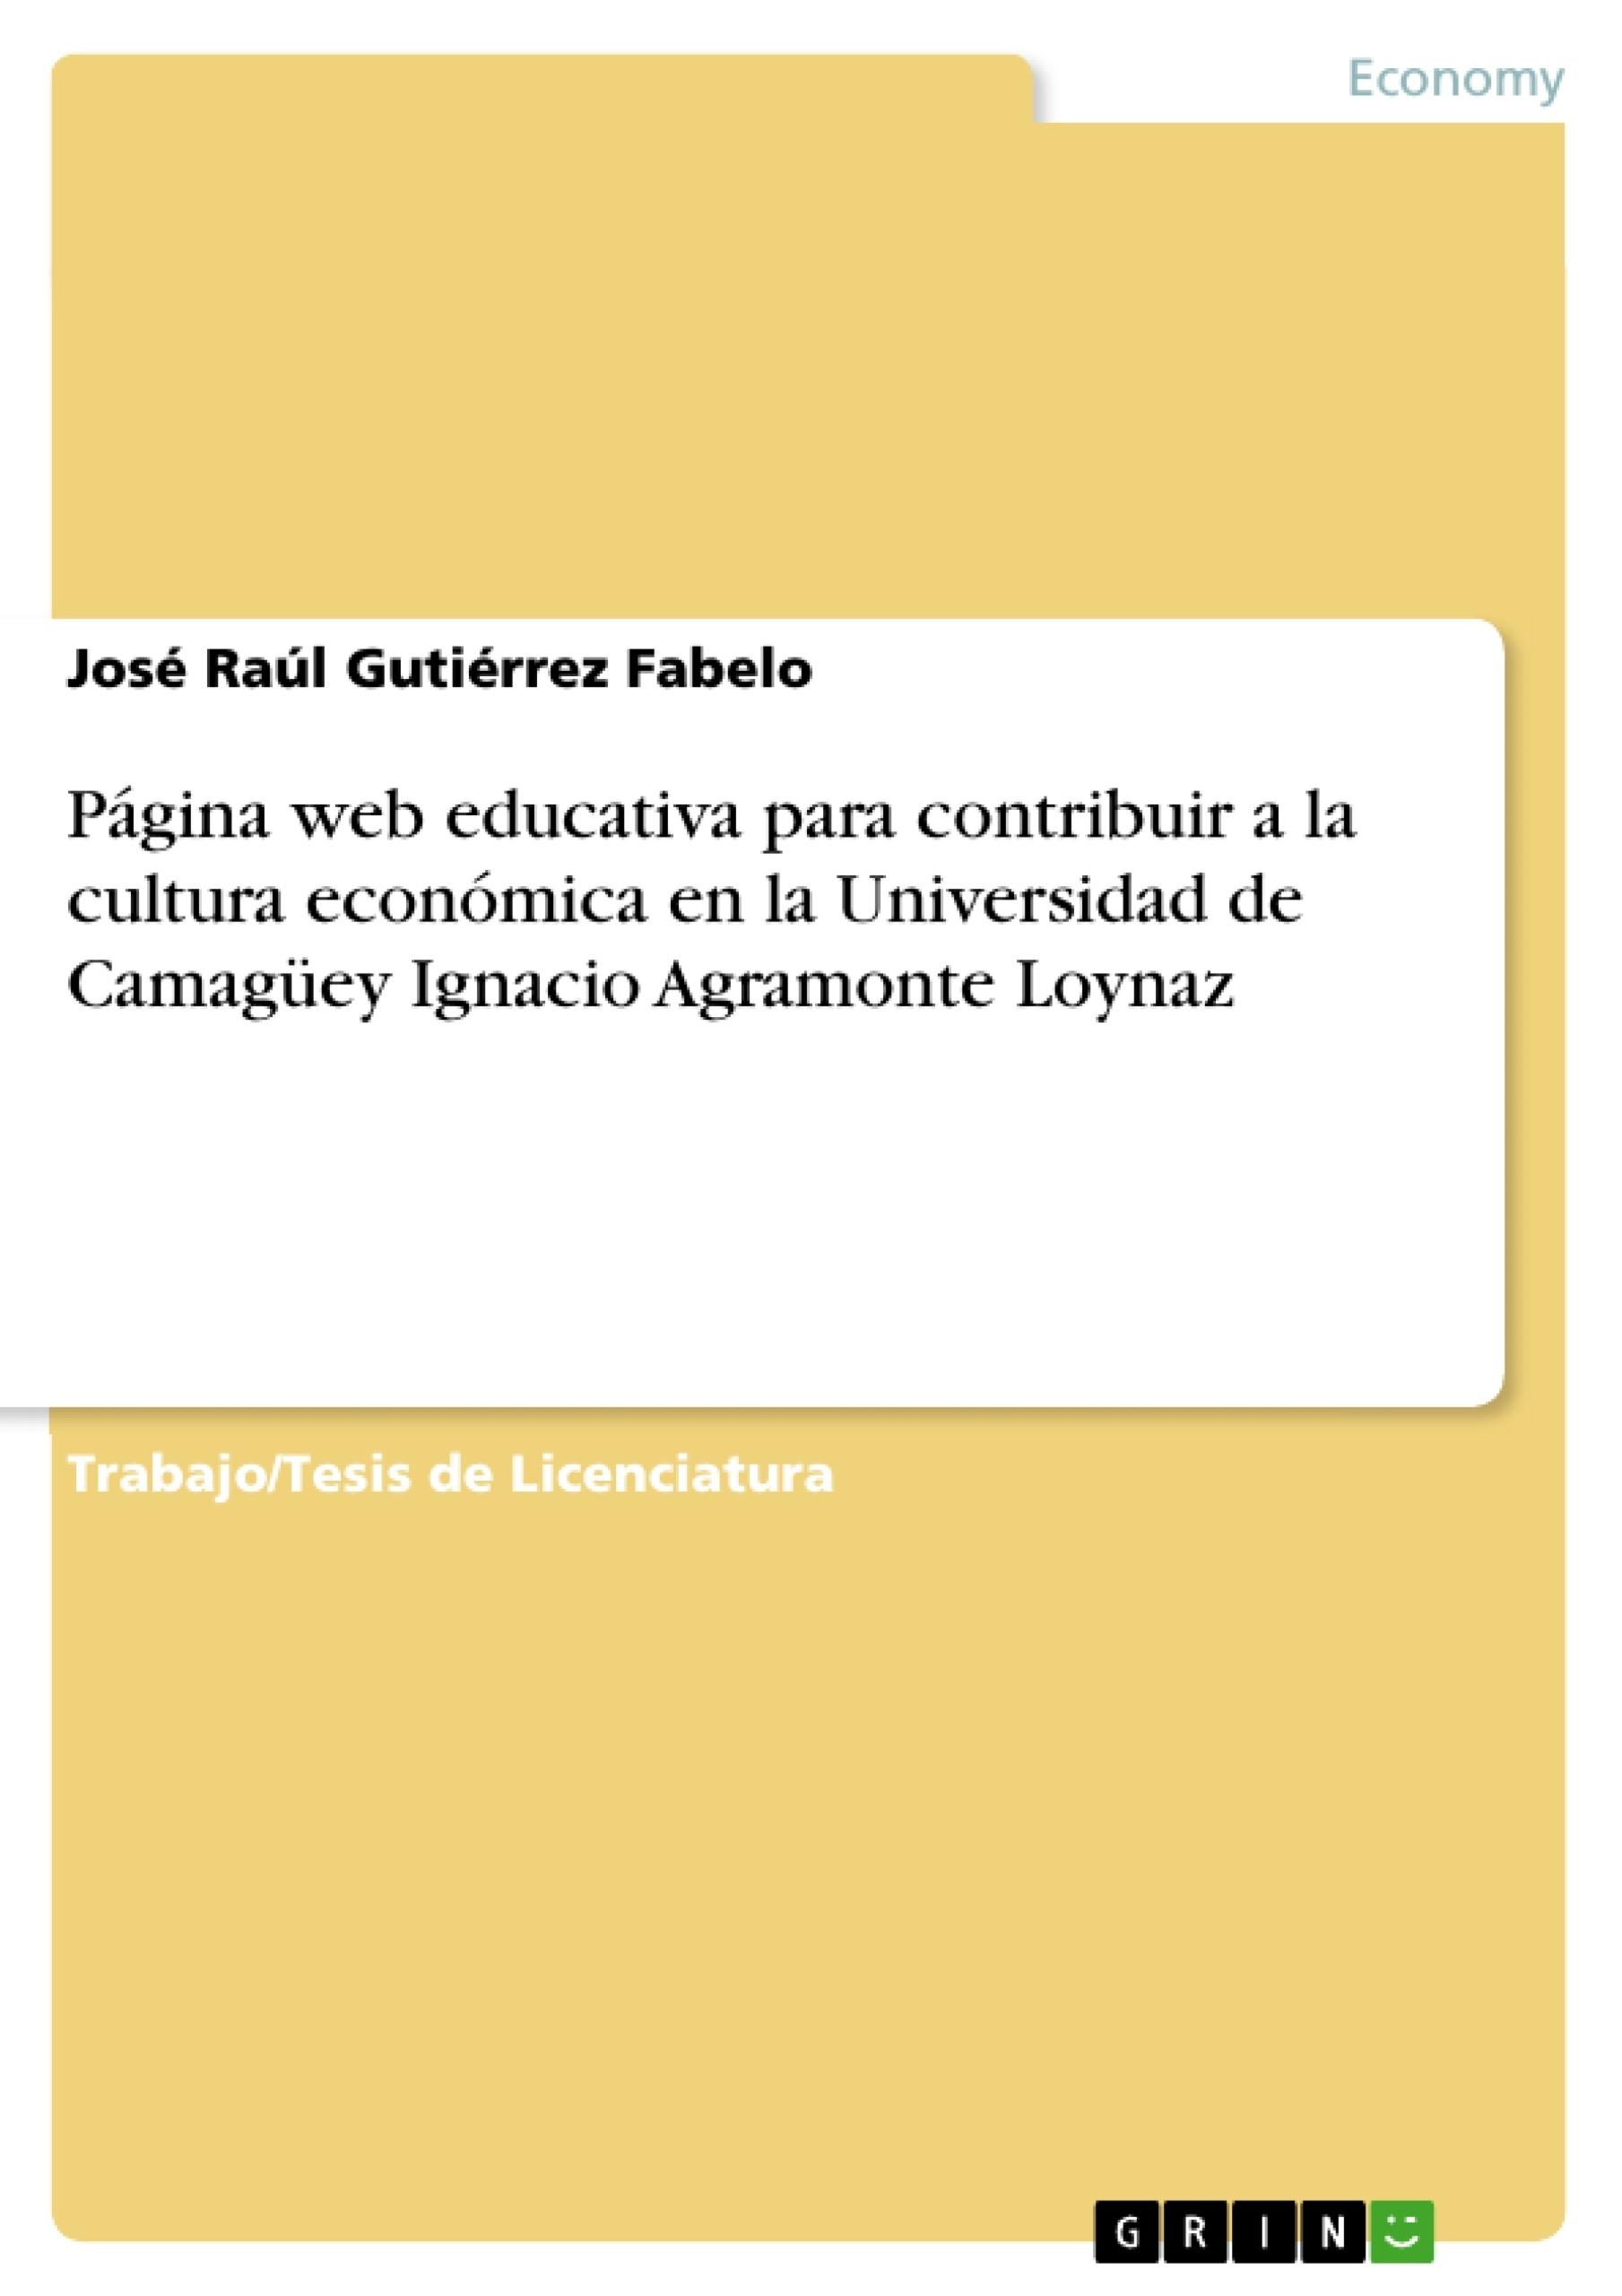 Título: Página web educativa para contribuir a la cultura económica en la Universidad de Camagüey Ignacio Agramonte Loynaz